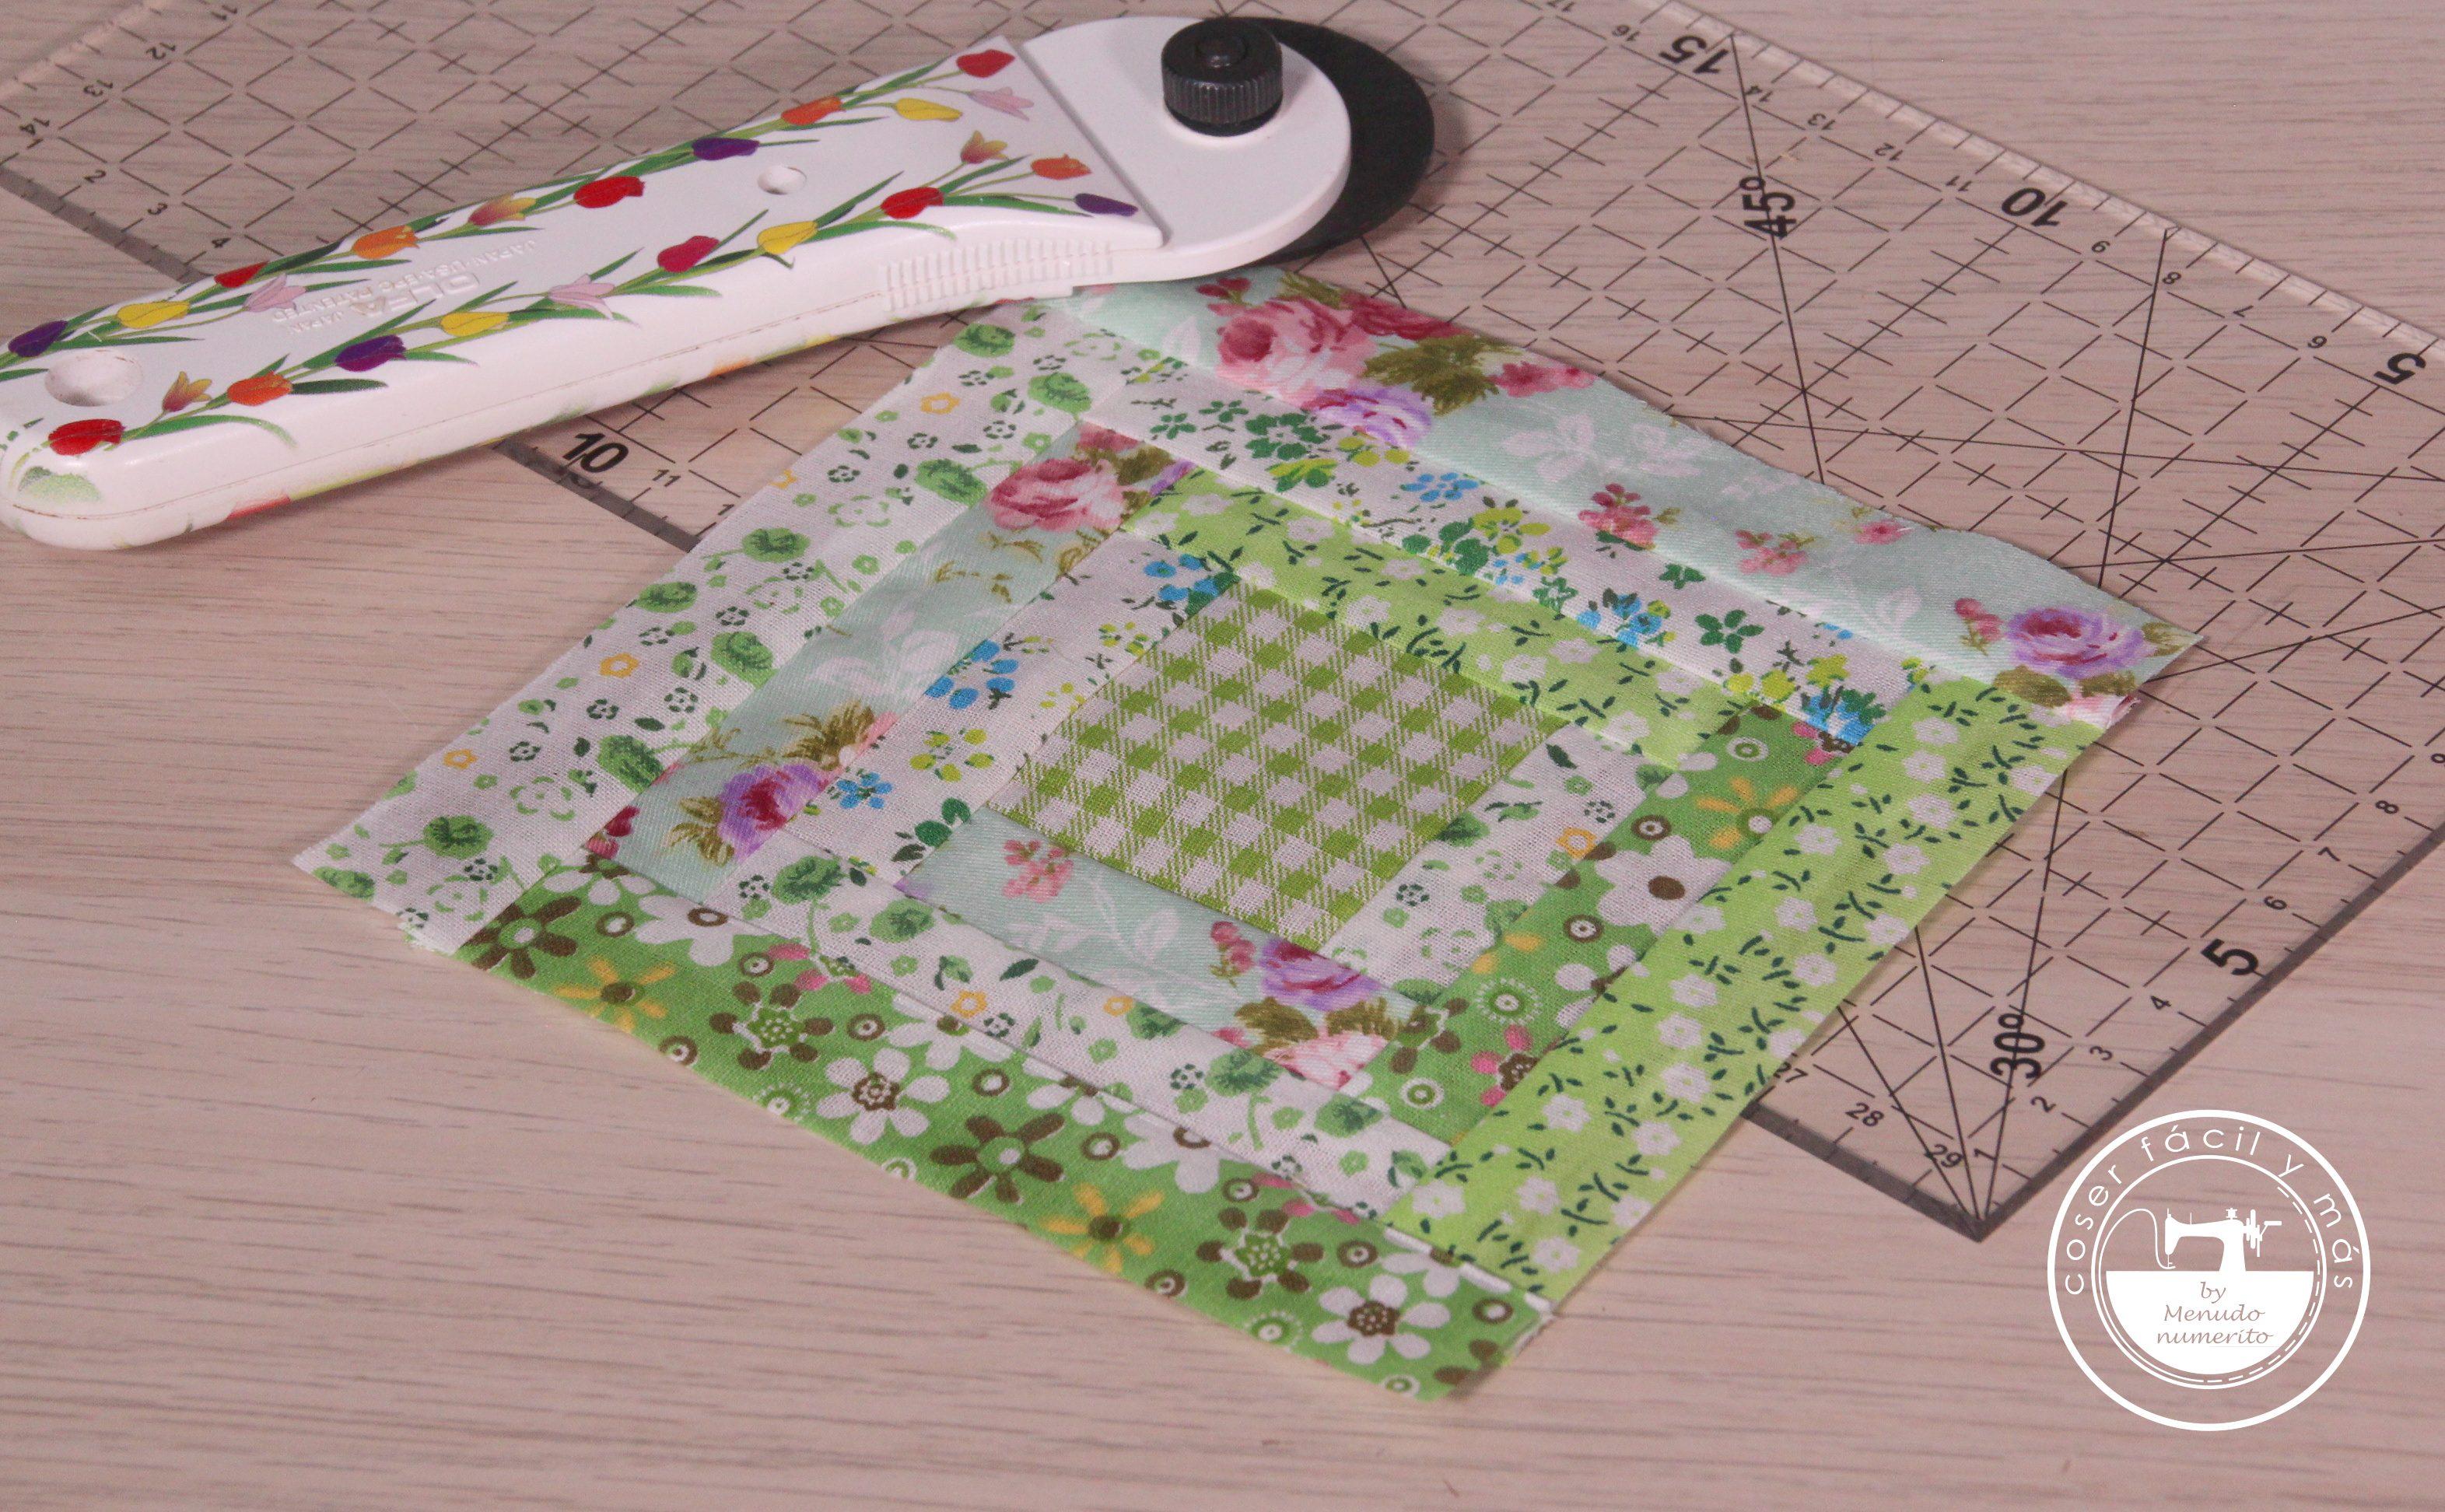 log cabin coser facil menudo numerito patchwork blogs de costura